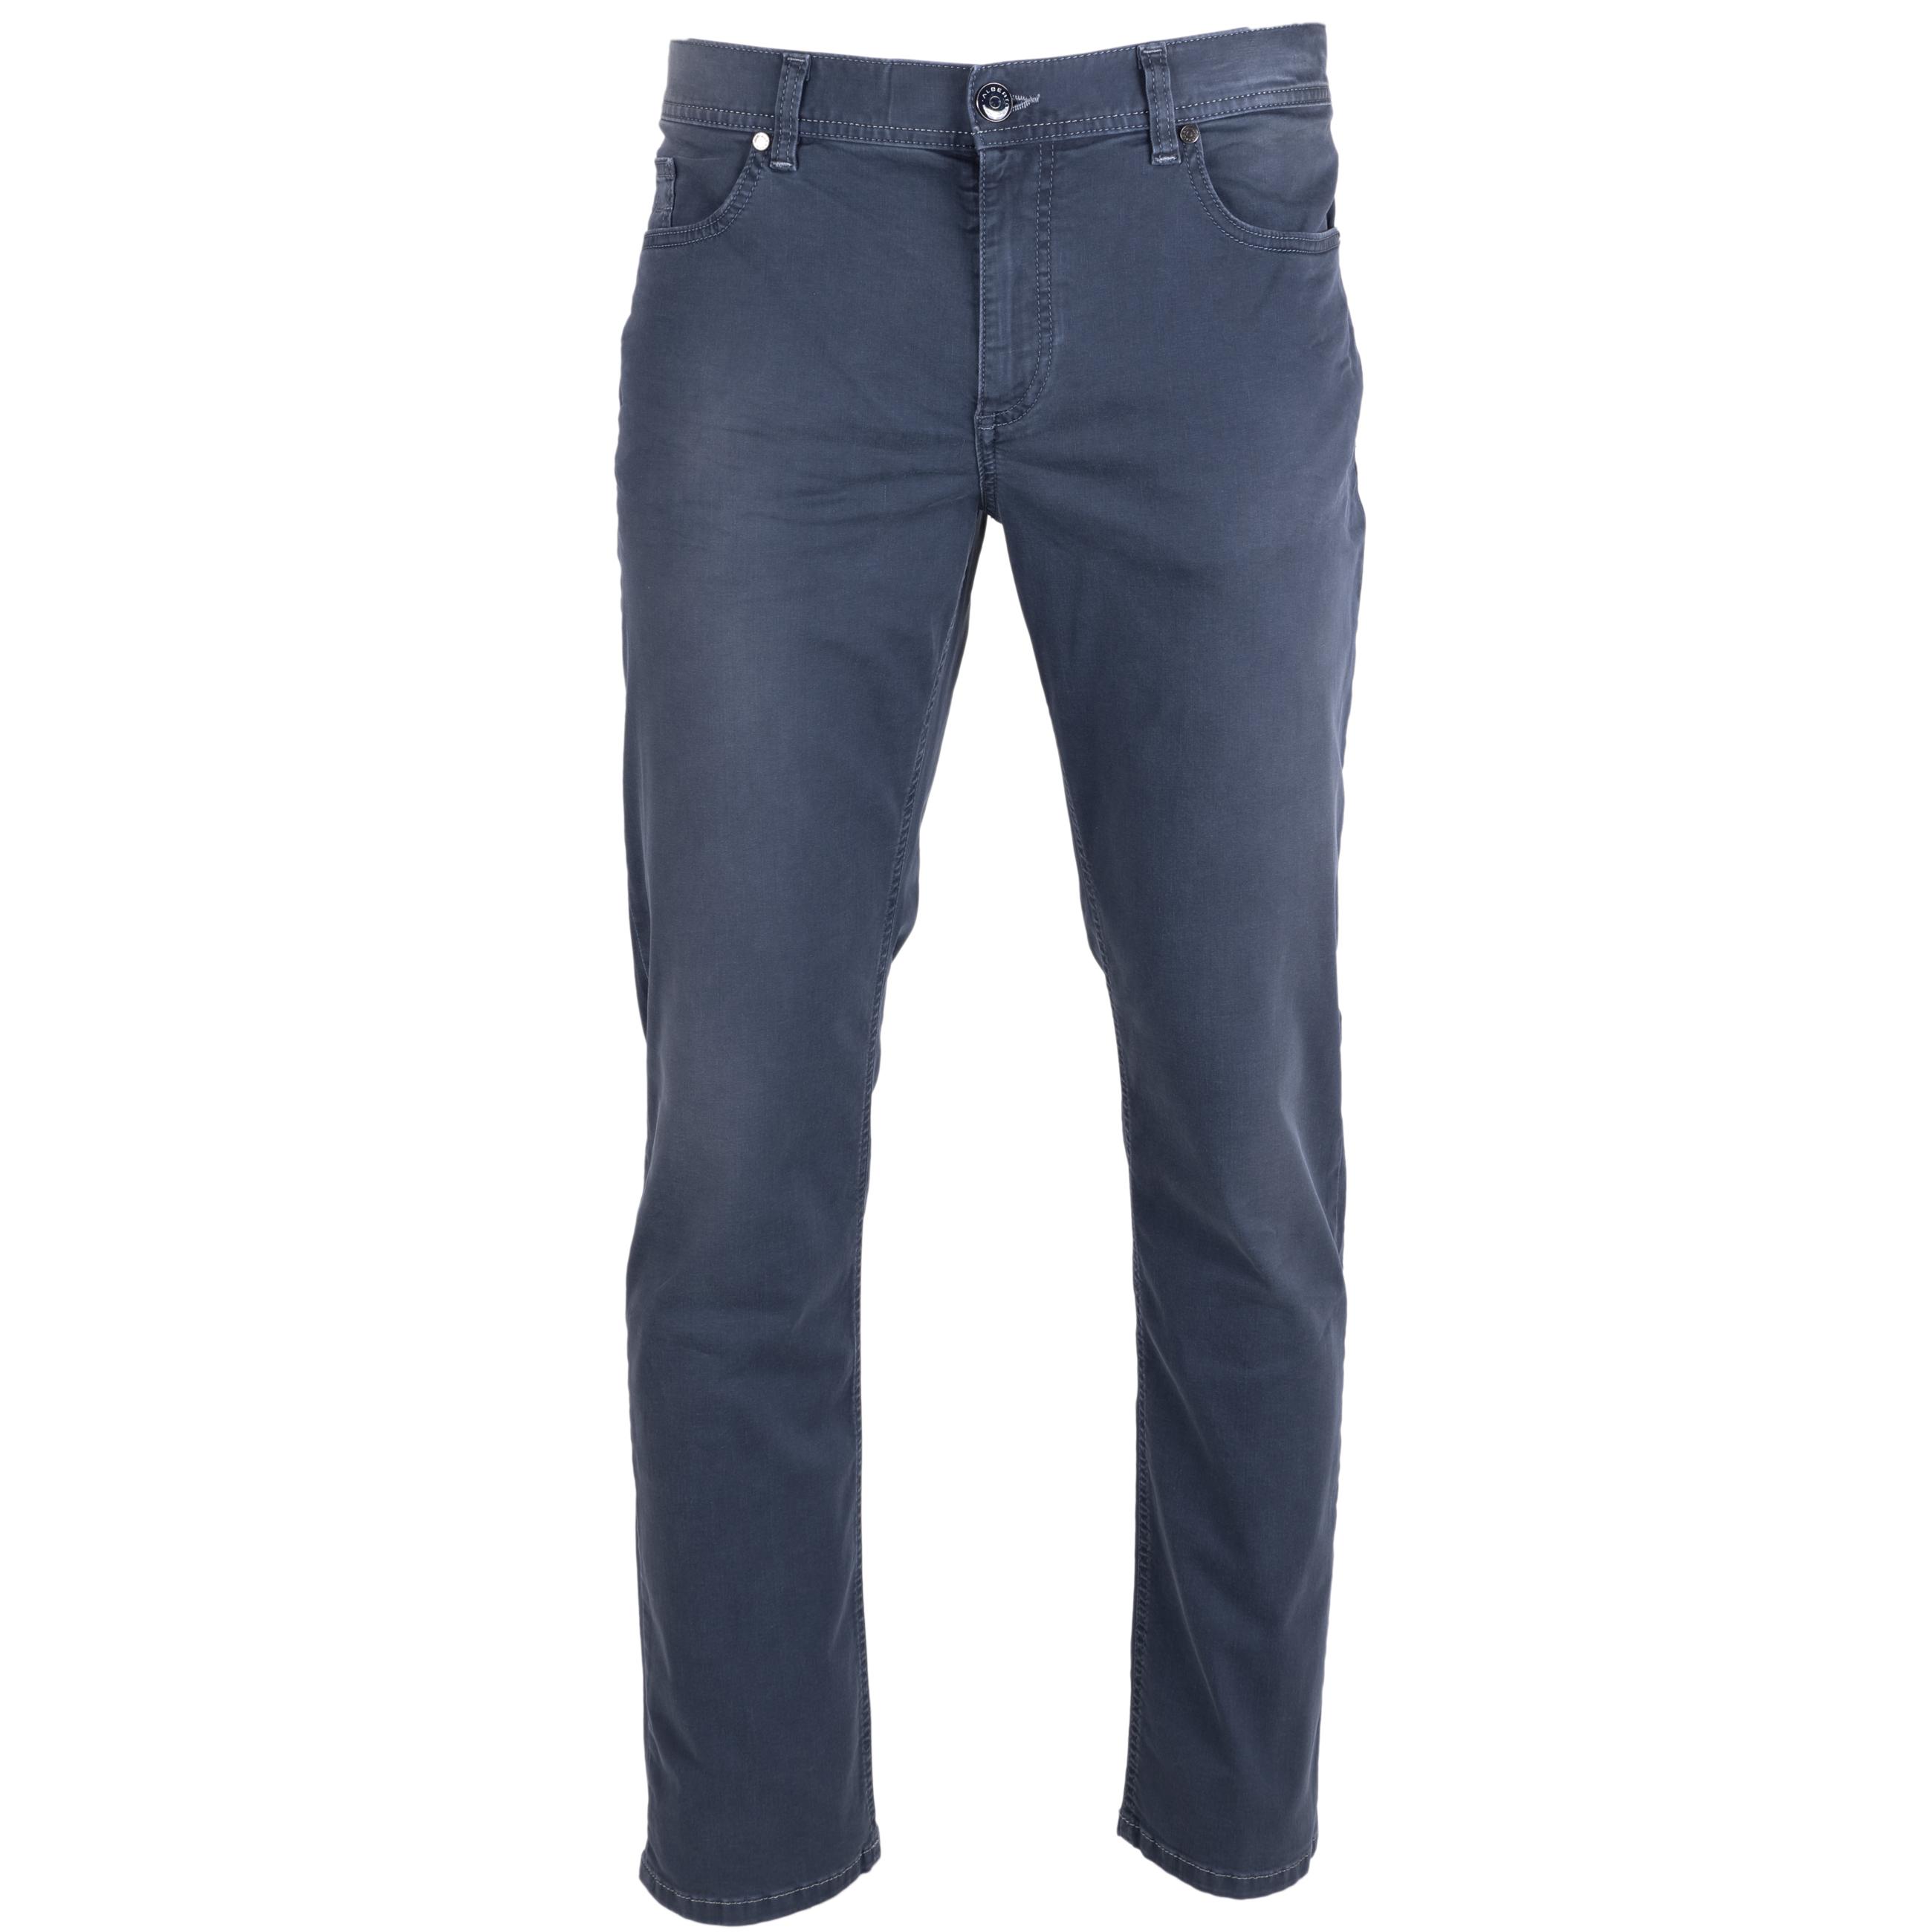 Alberto Jeans Pipe regular fit leichte Qualität 36/32 grau